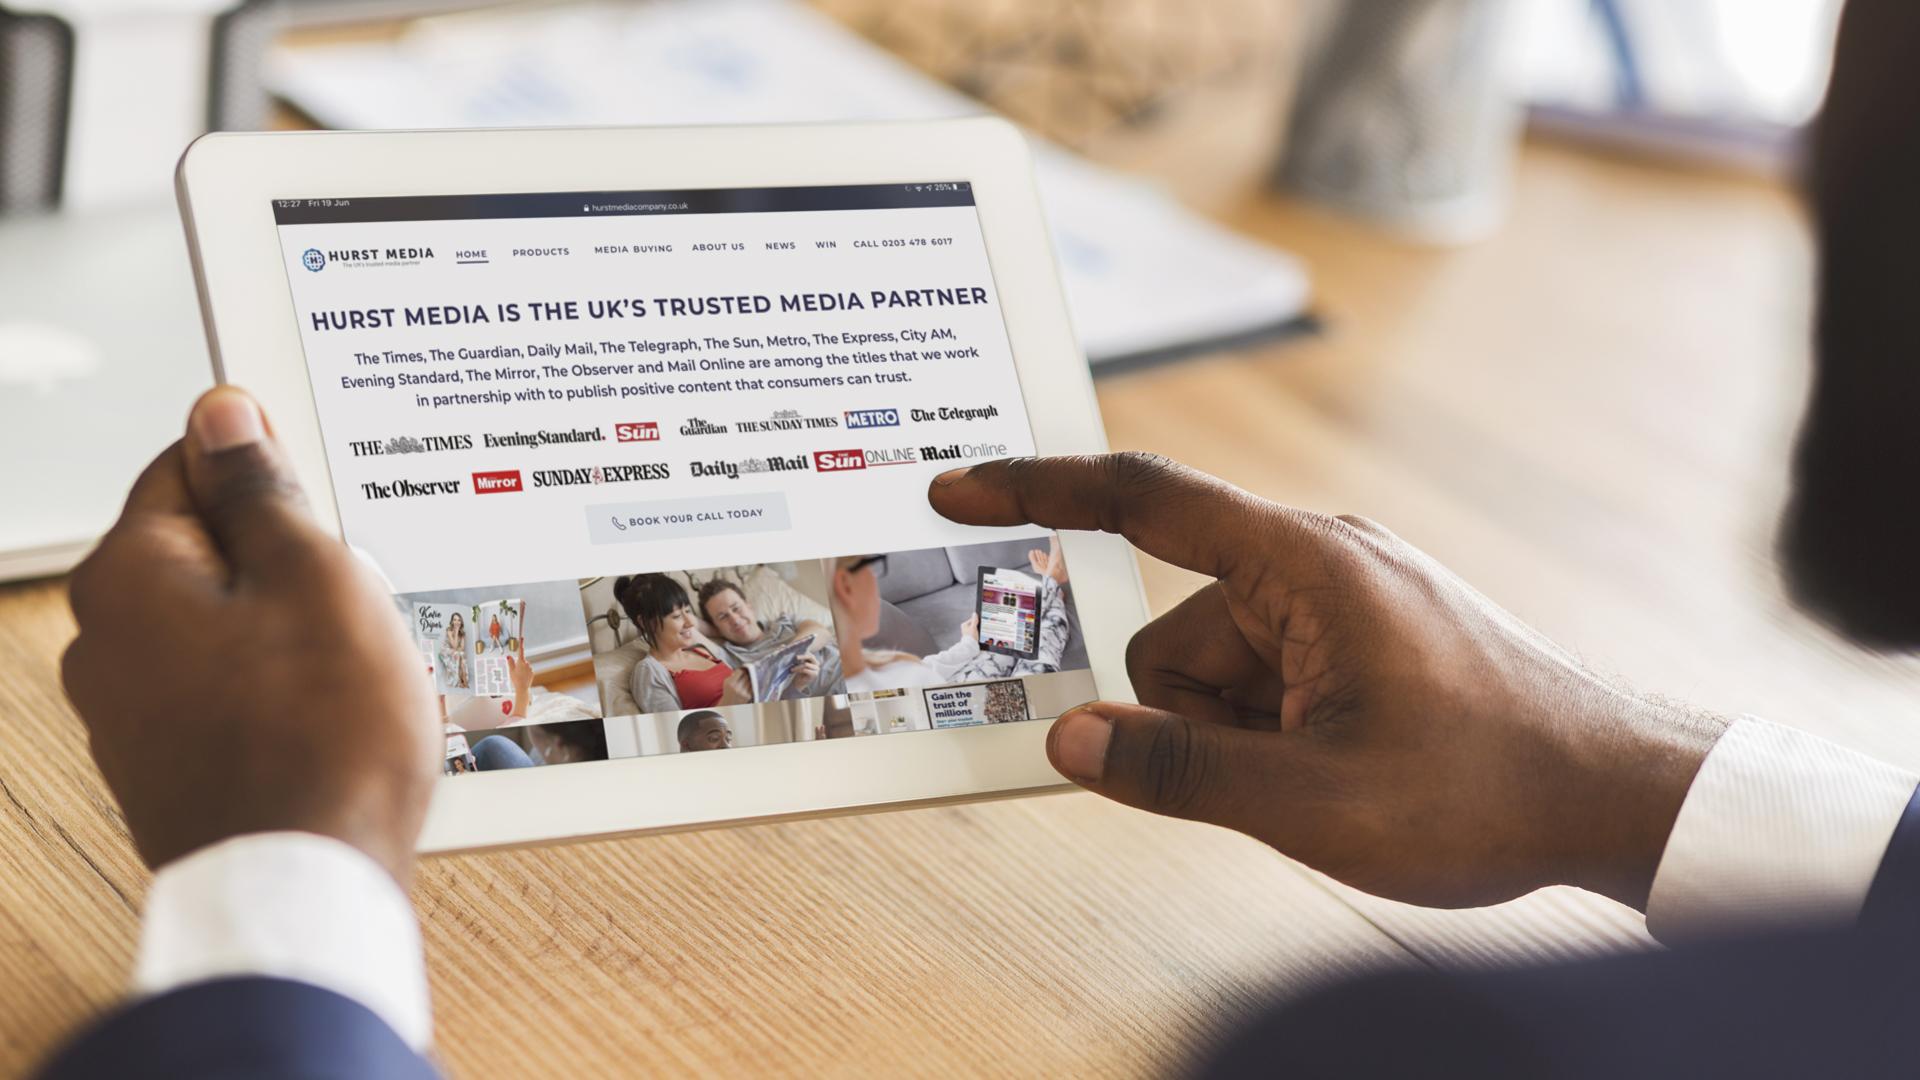 Easier media planning via new website